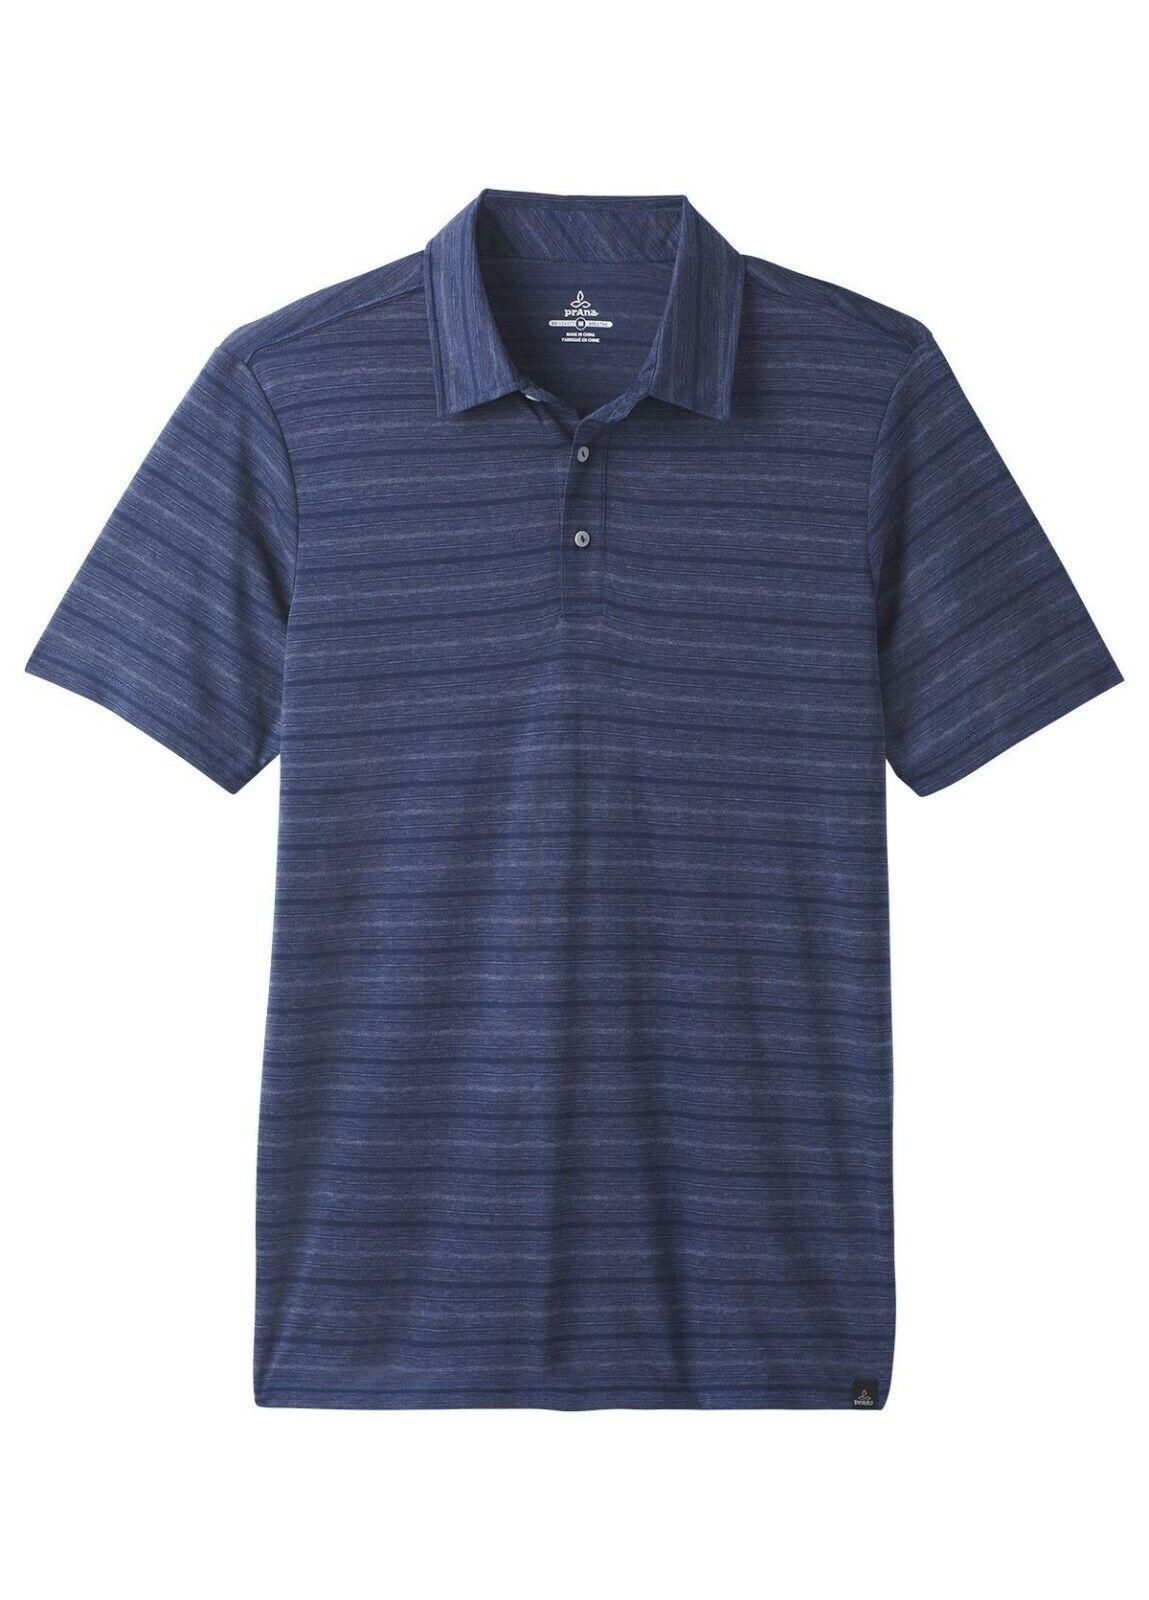 Prana Neriah Shirt Short Sleeve Polo  leichtes Herren Polo-Shirt  Blau a stripe